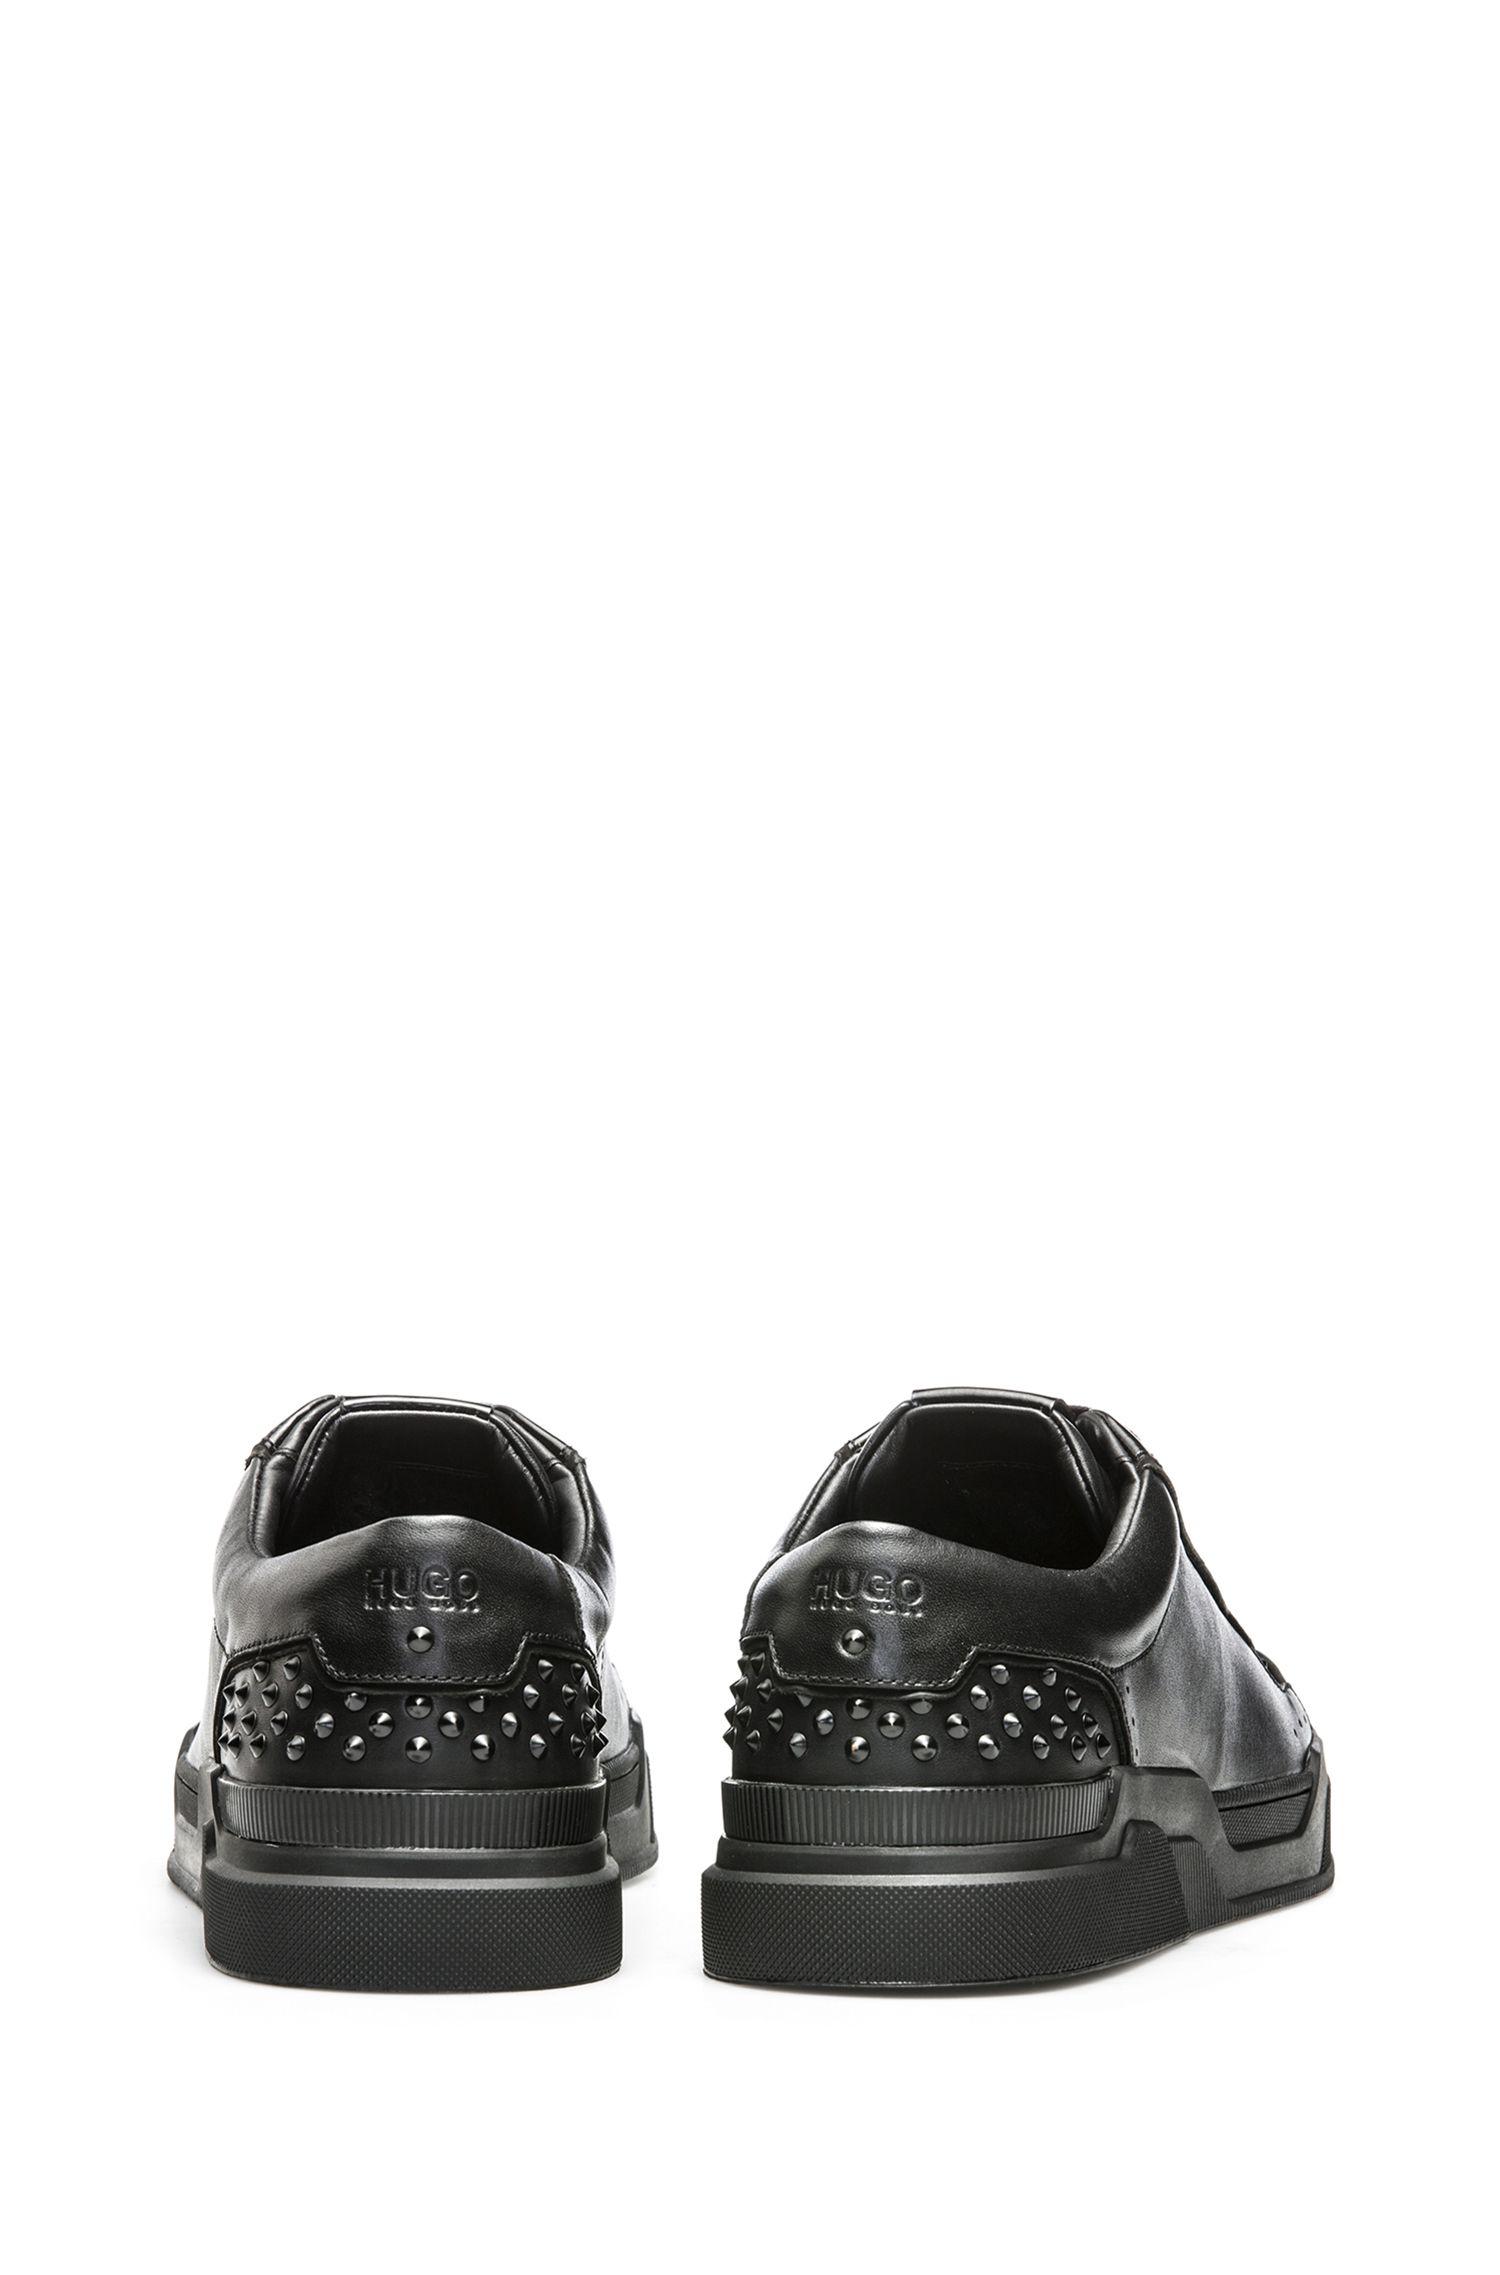 Sneakers in pelle di vitello con borchie decorative